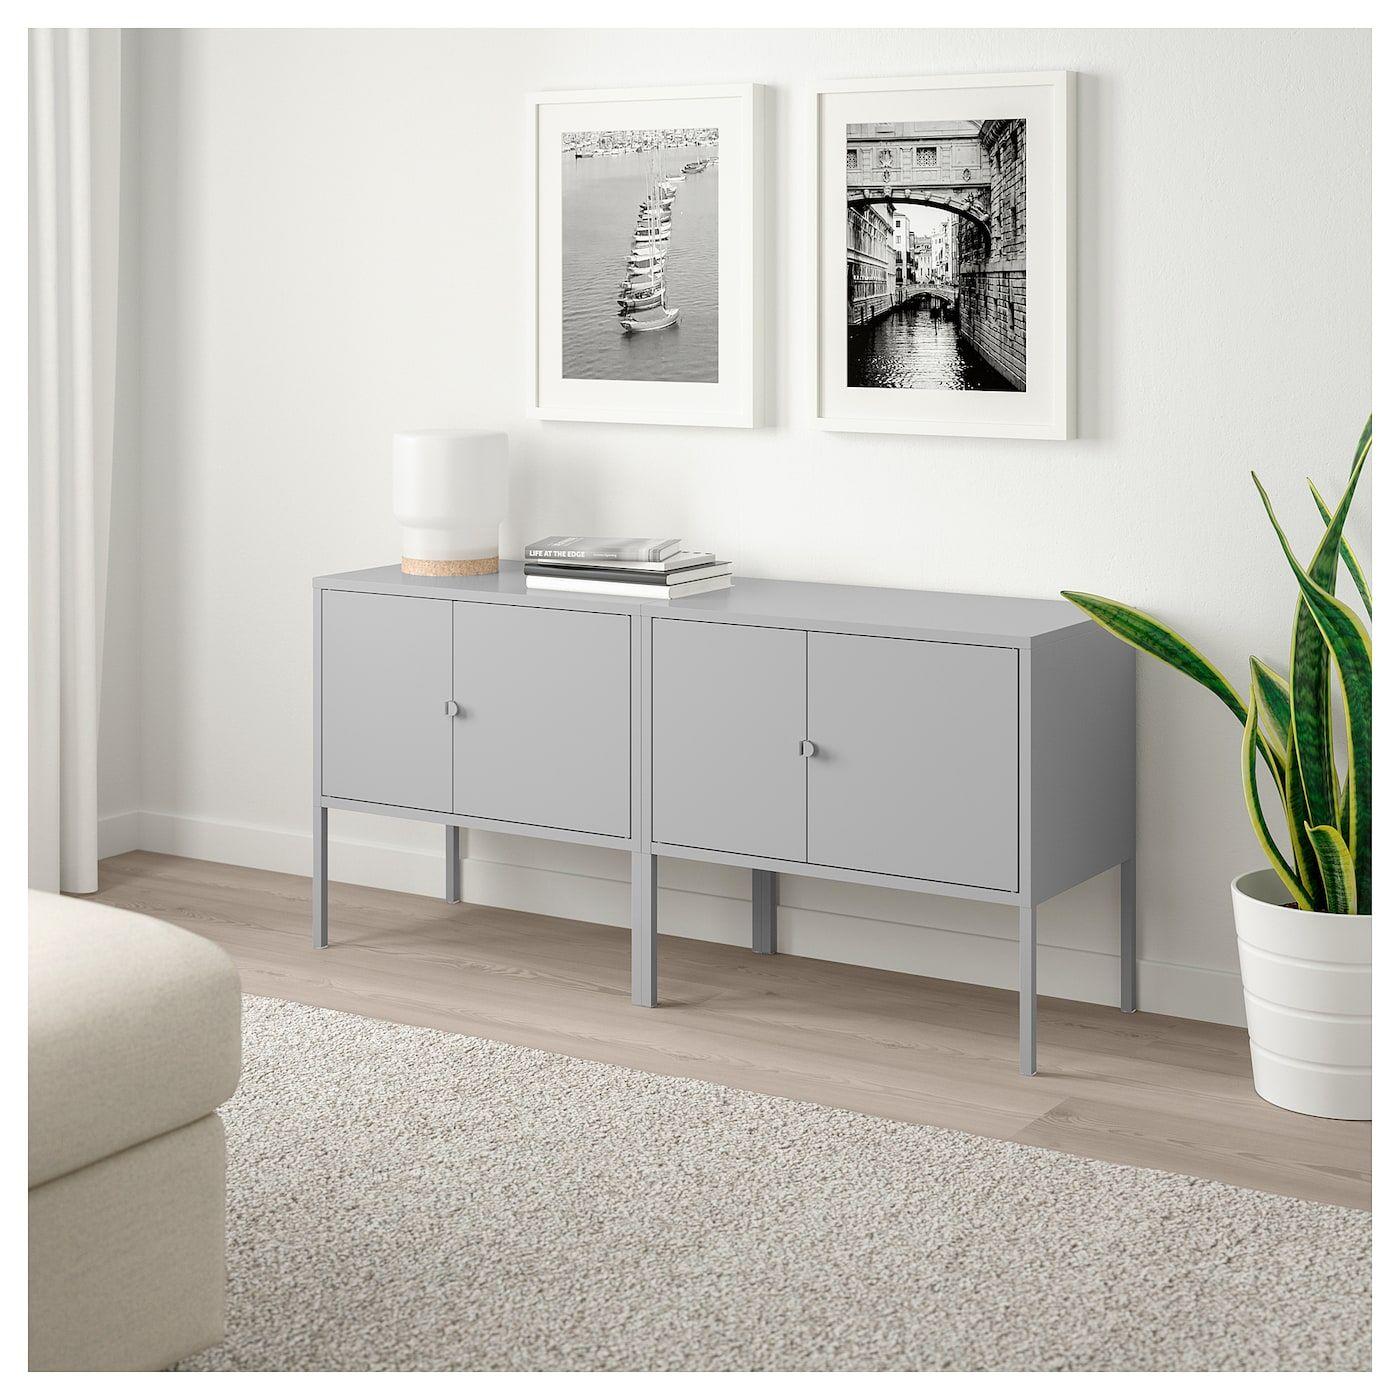 Lixhult Schrankkombination Grau Kuchenschrank Wohnzimmer Grau